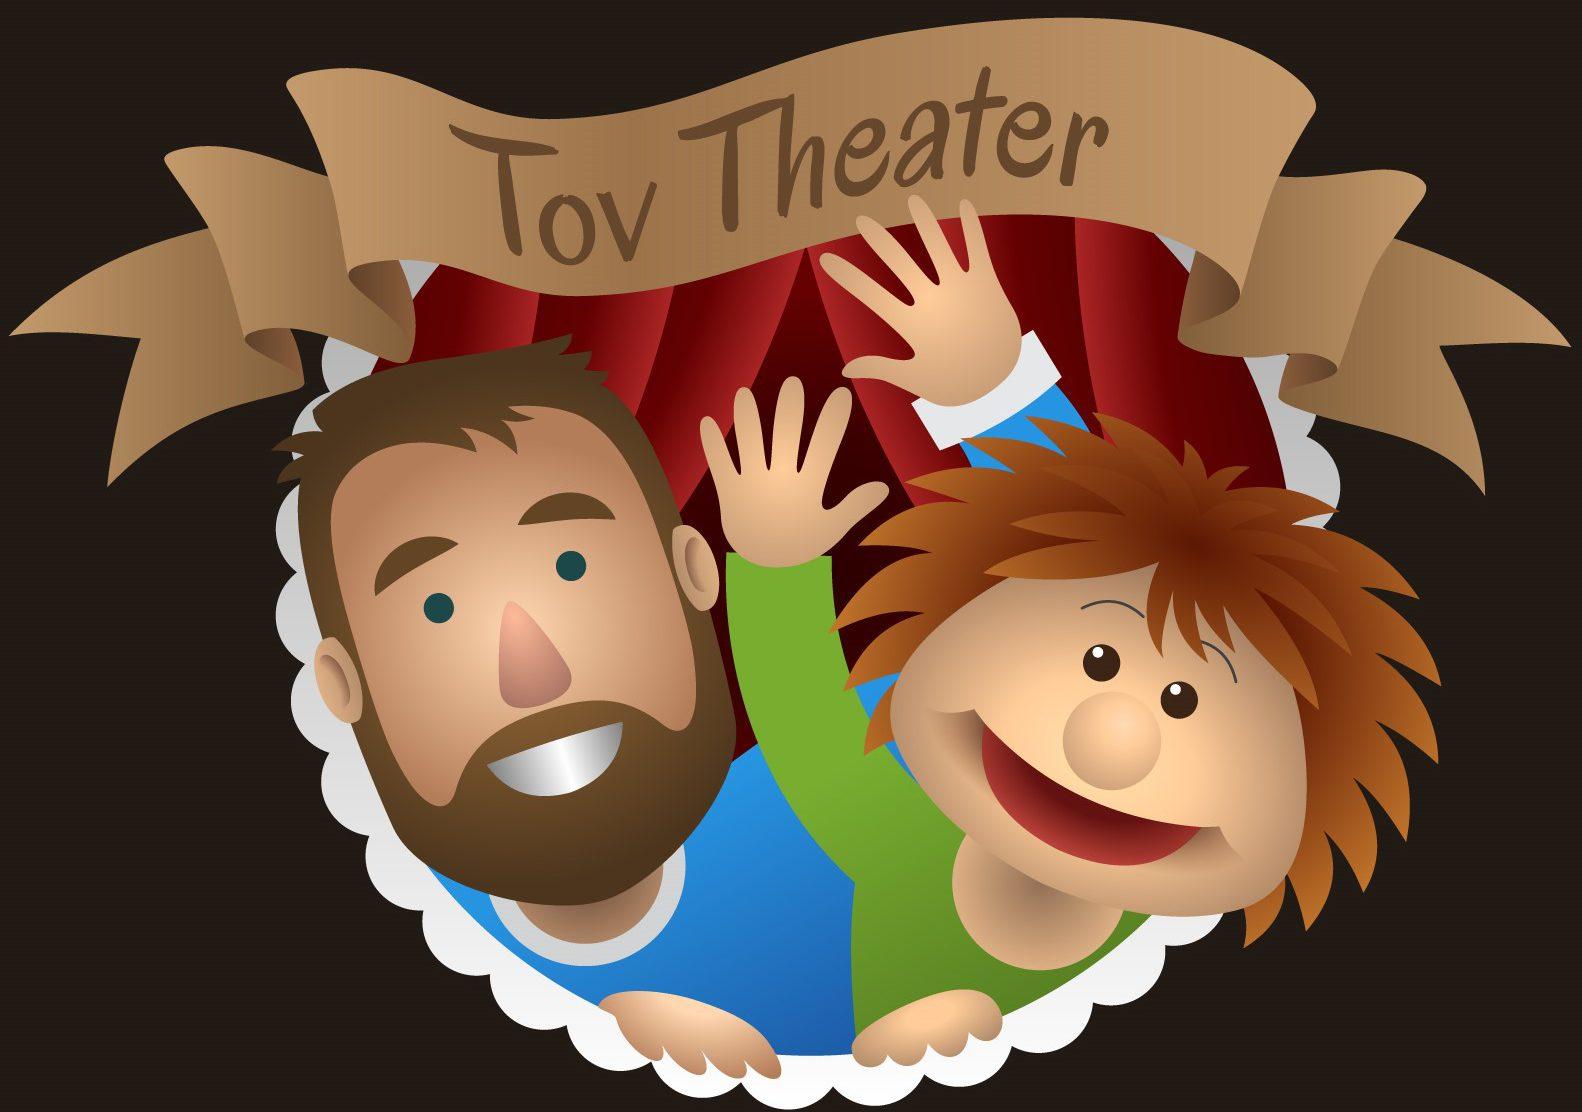 Tov Theater